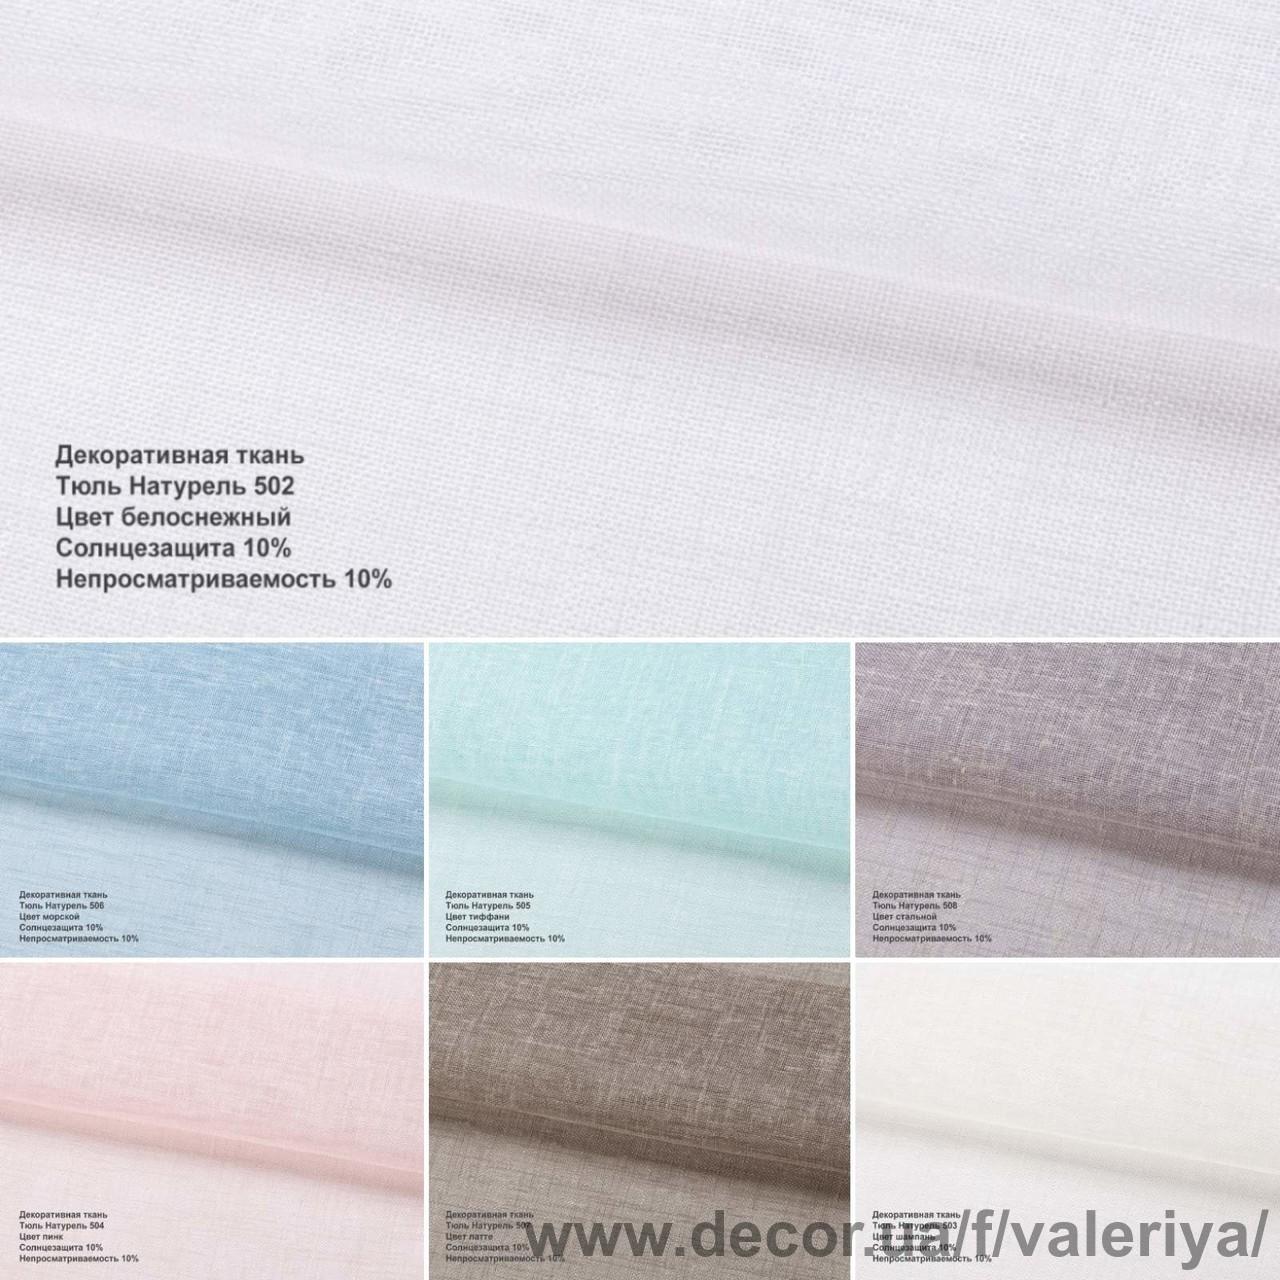 Тюль Натурэль - новая ткань для римских штор!